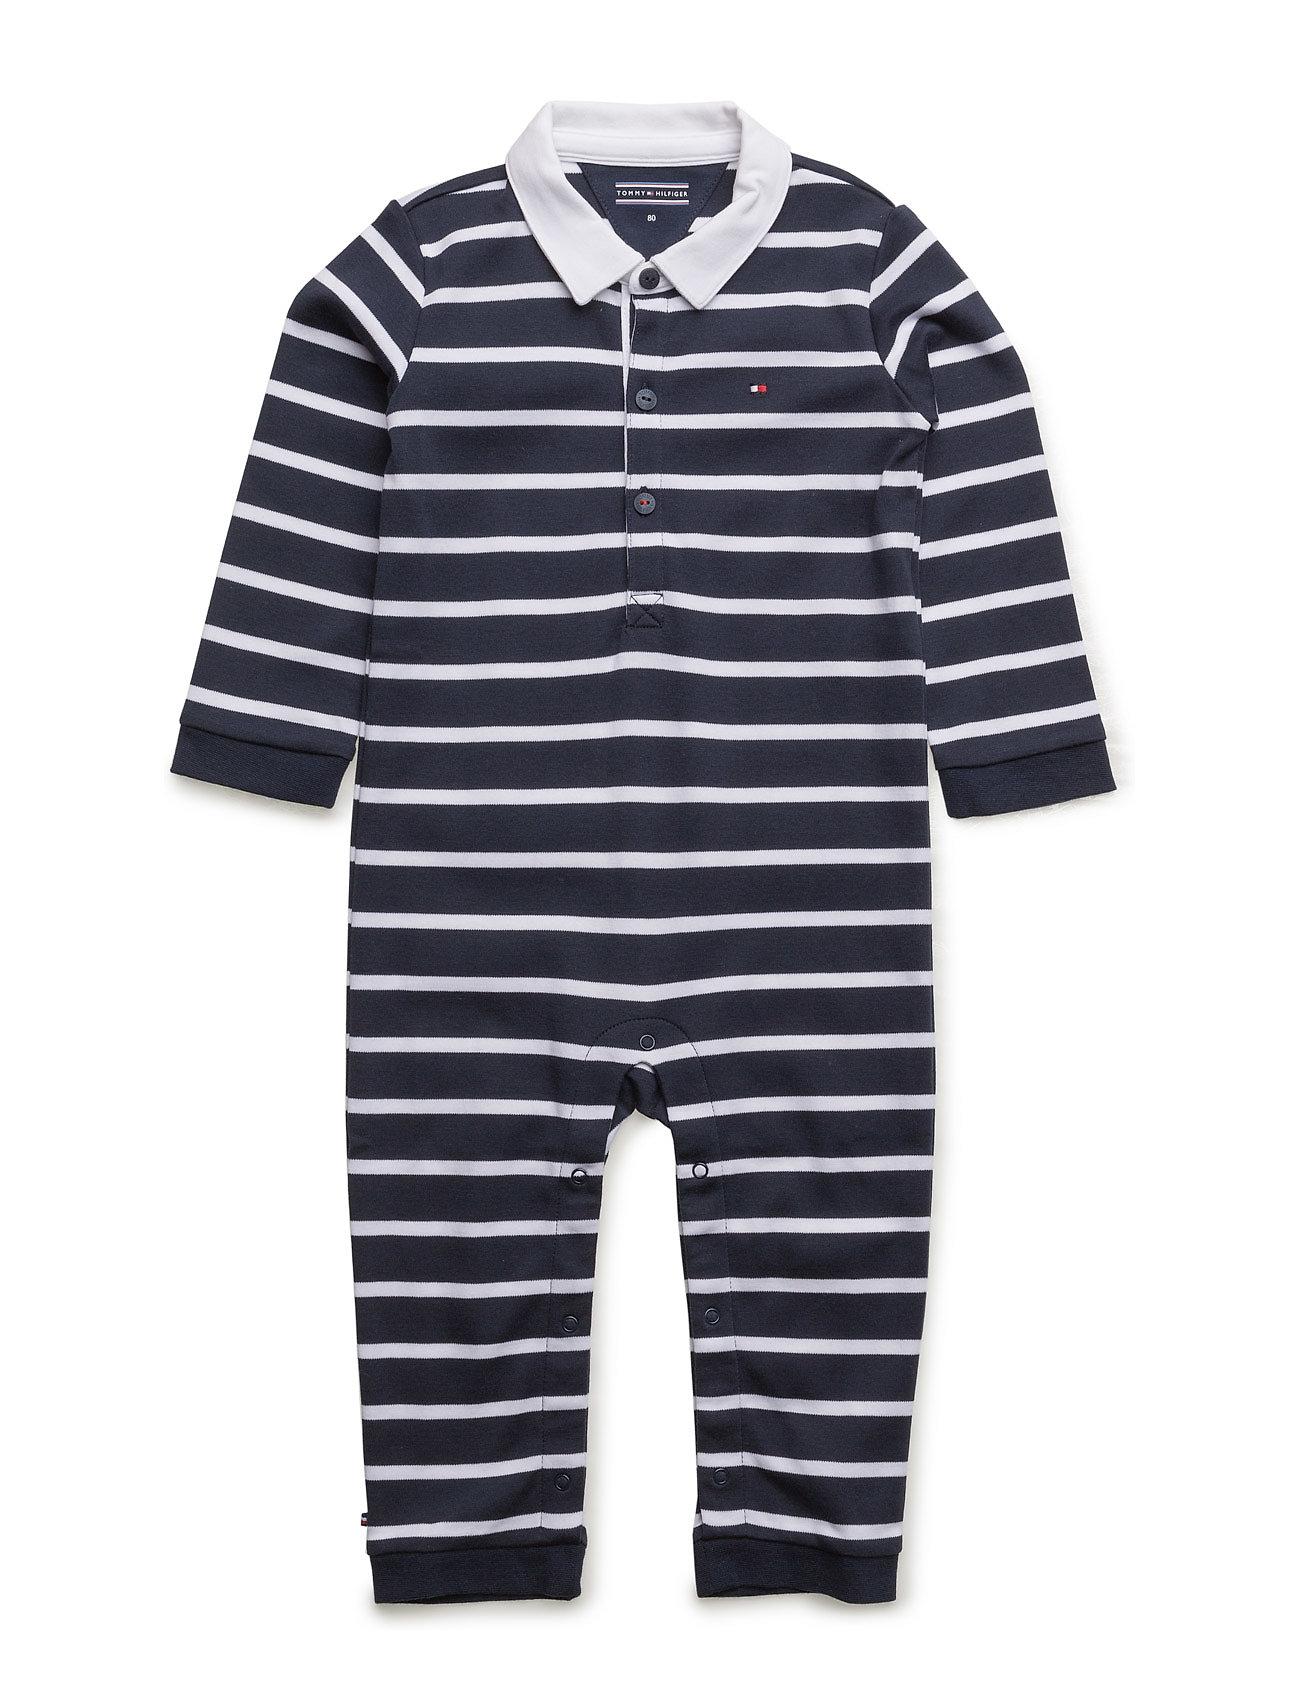 Big Stripe Baby Boy Coverall L S Tommy Hilfiger til Børn i Blå ... f2dc967ef203